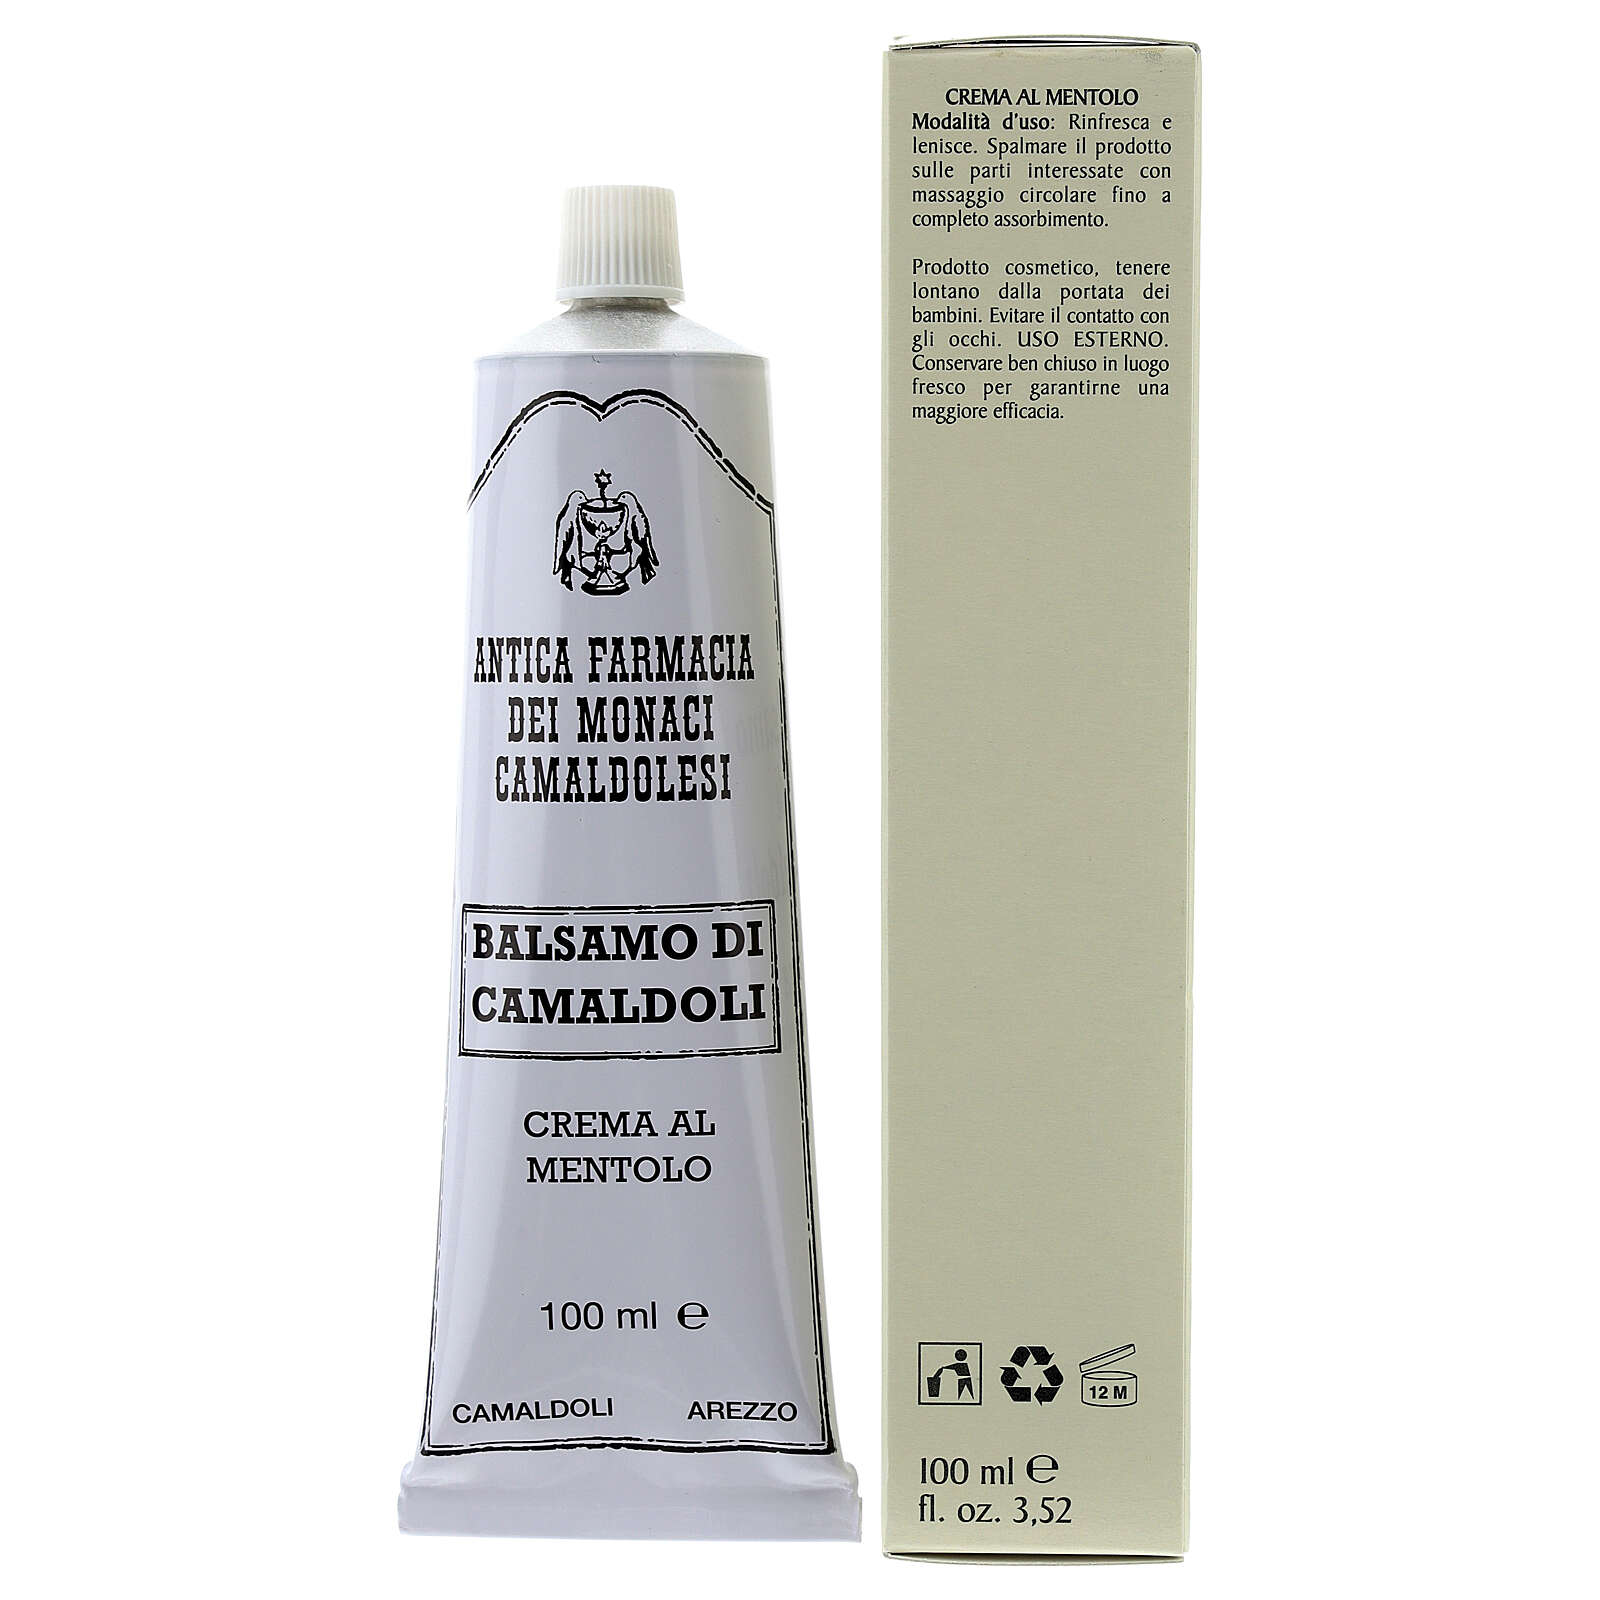 Crema al Mentolo Balsamo di Camaldoli 100 ml 4